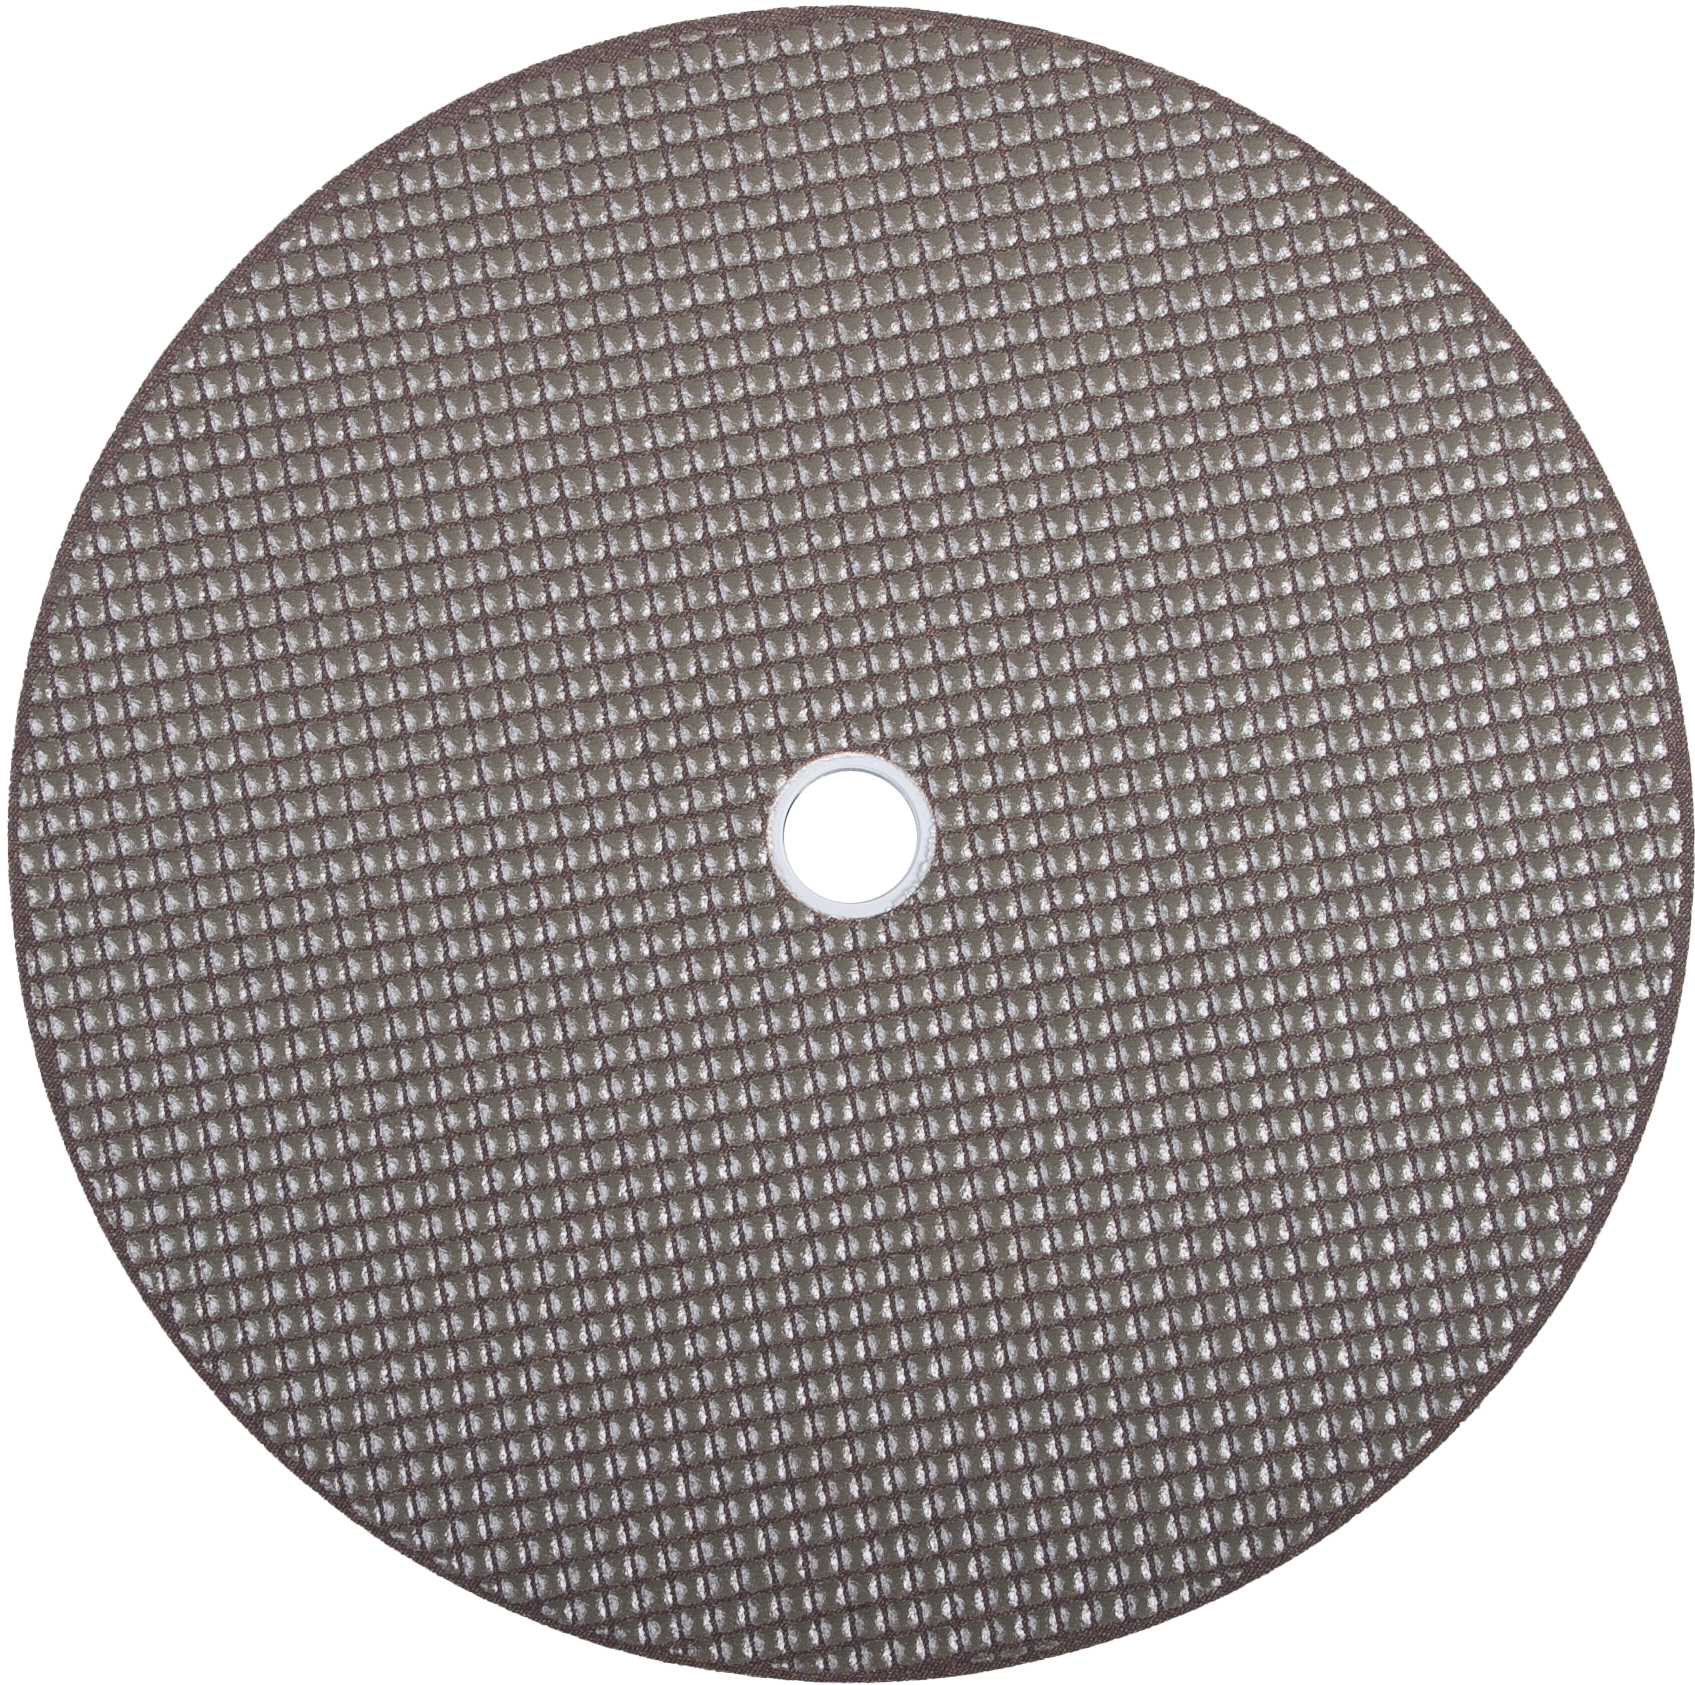 Diamantschleifteller OCTRON ø 250 mm │ Klett │ Korn 100